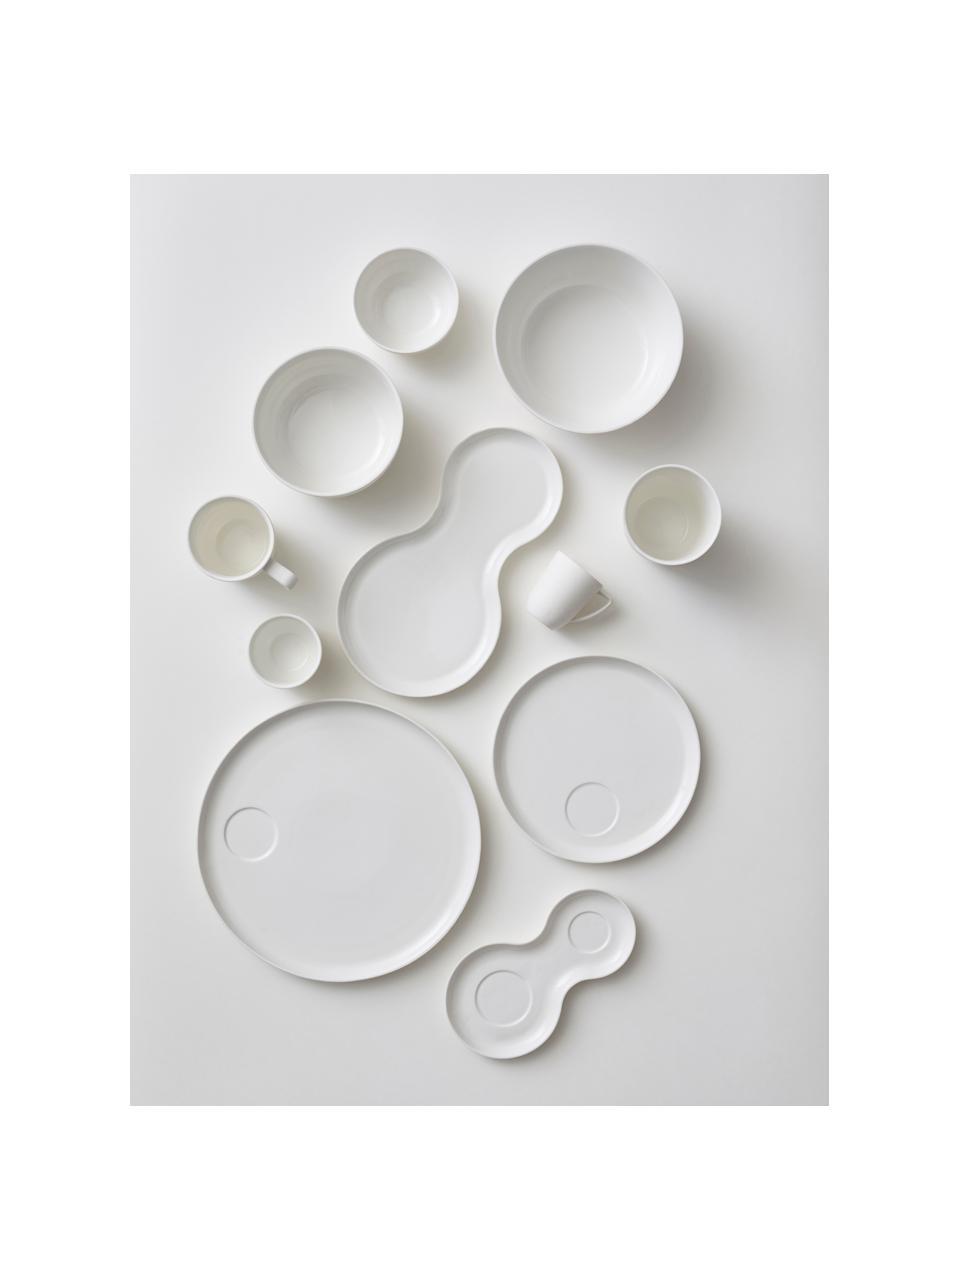 Becher Nudge in Weiß matt/glänzend, 4 Stück, Porzellan, Gebrochenes Weiß, Ø 9 x H 10 cm